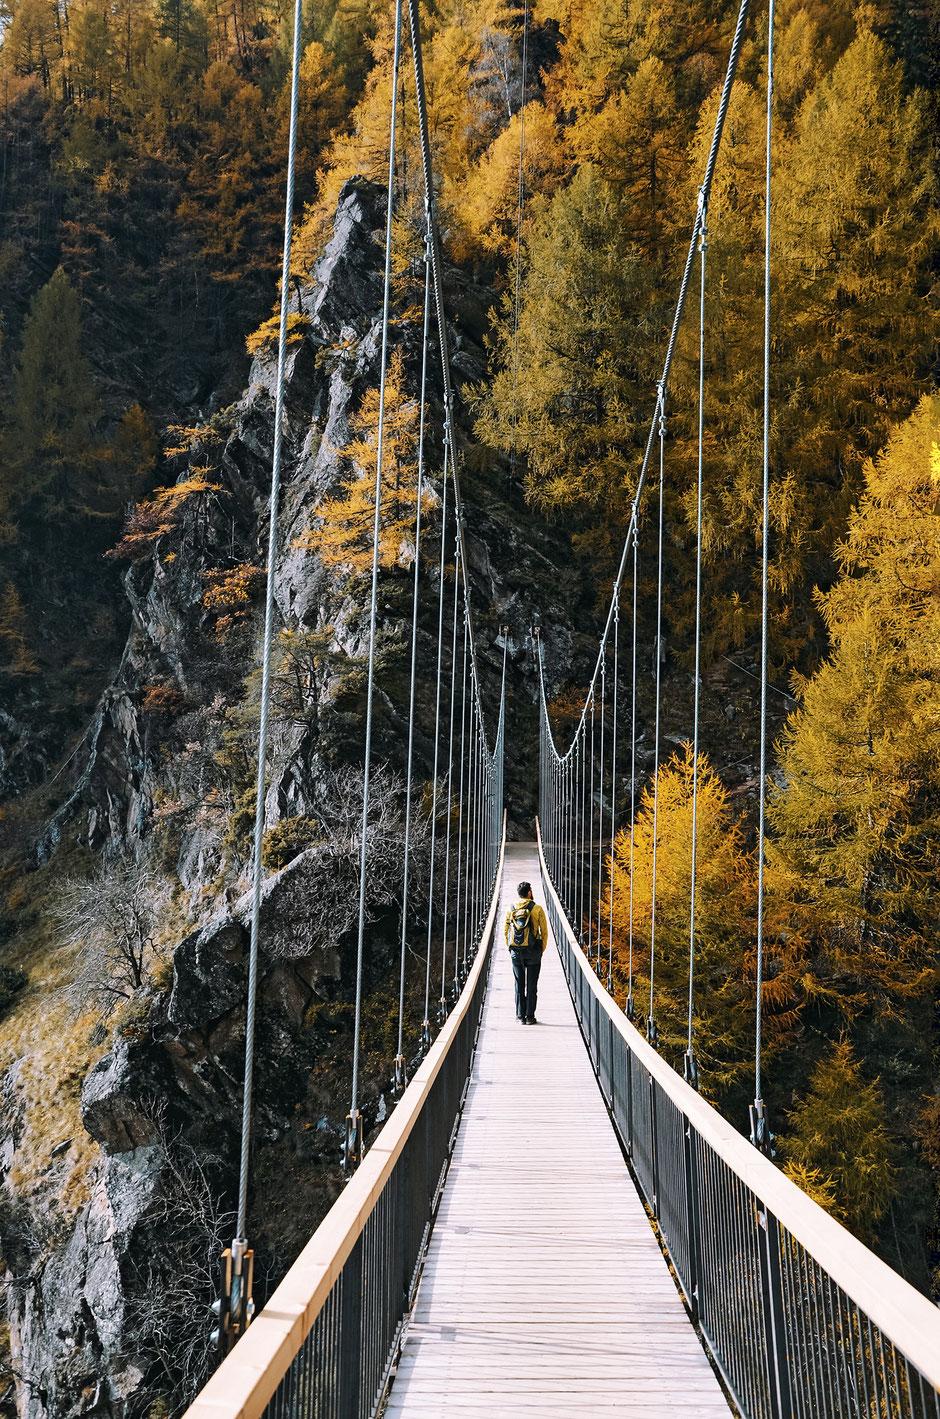 Hängebrücke am Meraner Höhenweg, 1000-Stufen-Schlucht